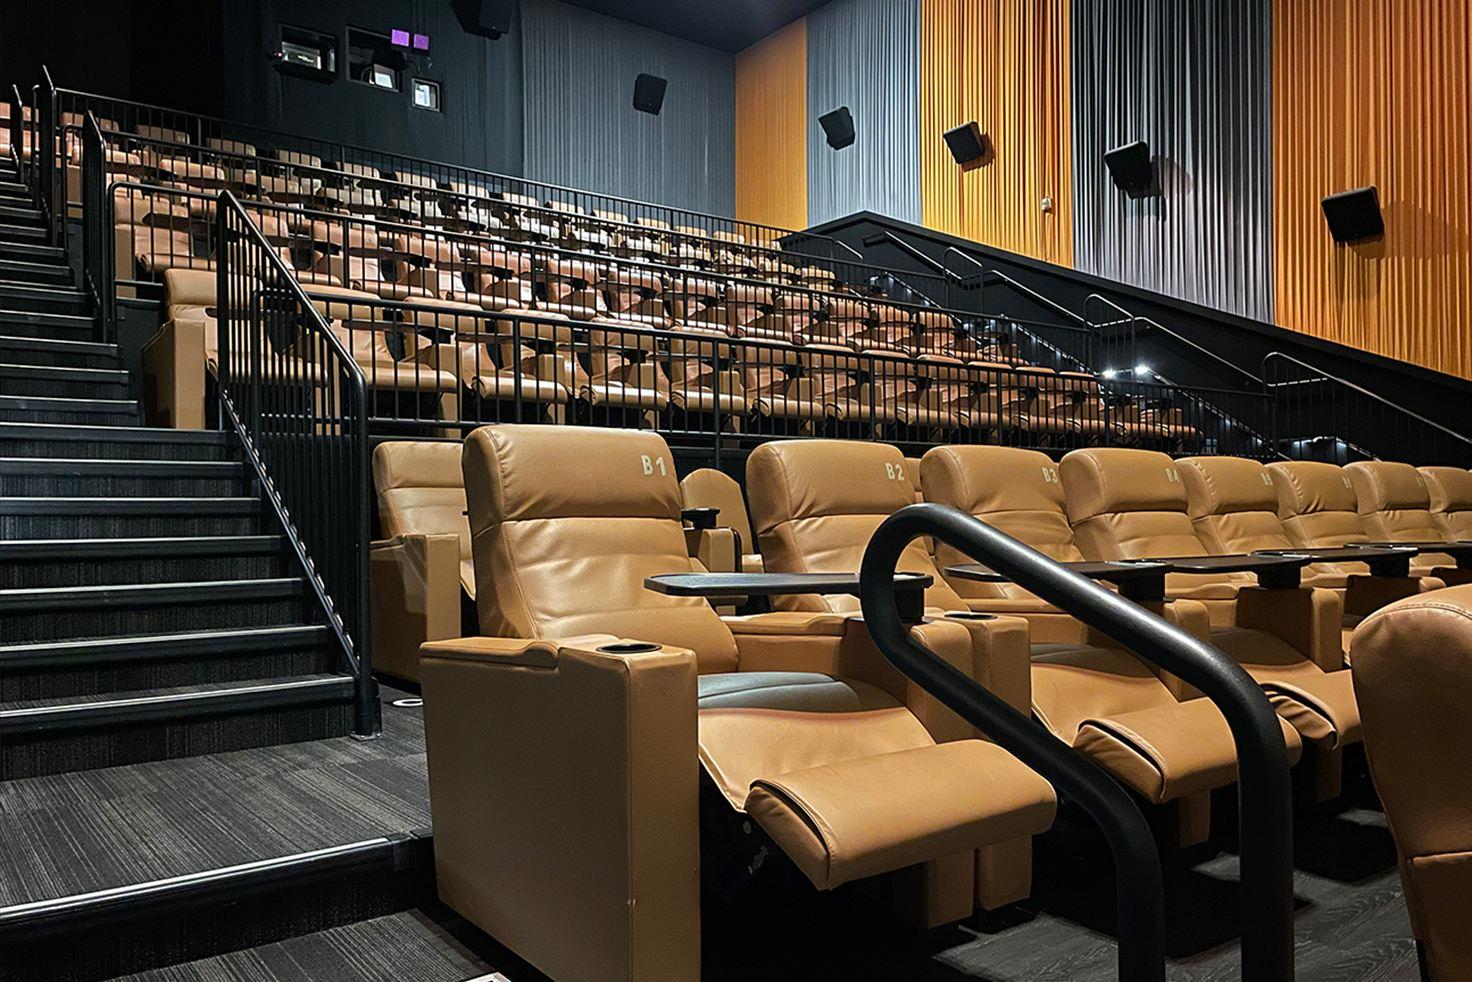 Glendale, CA - LOOK Dine-in Cinema